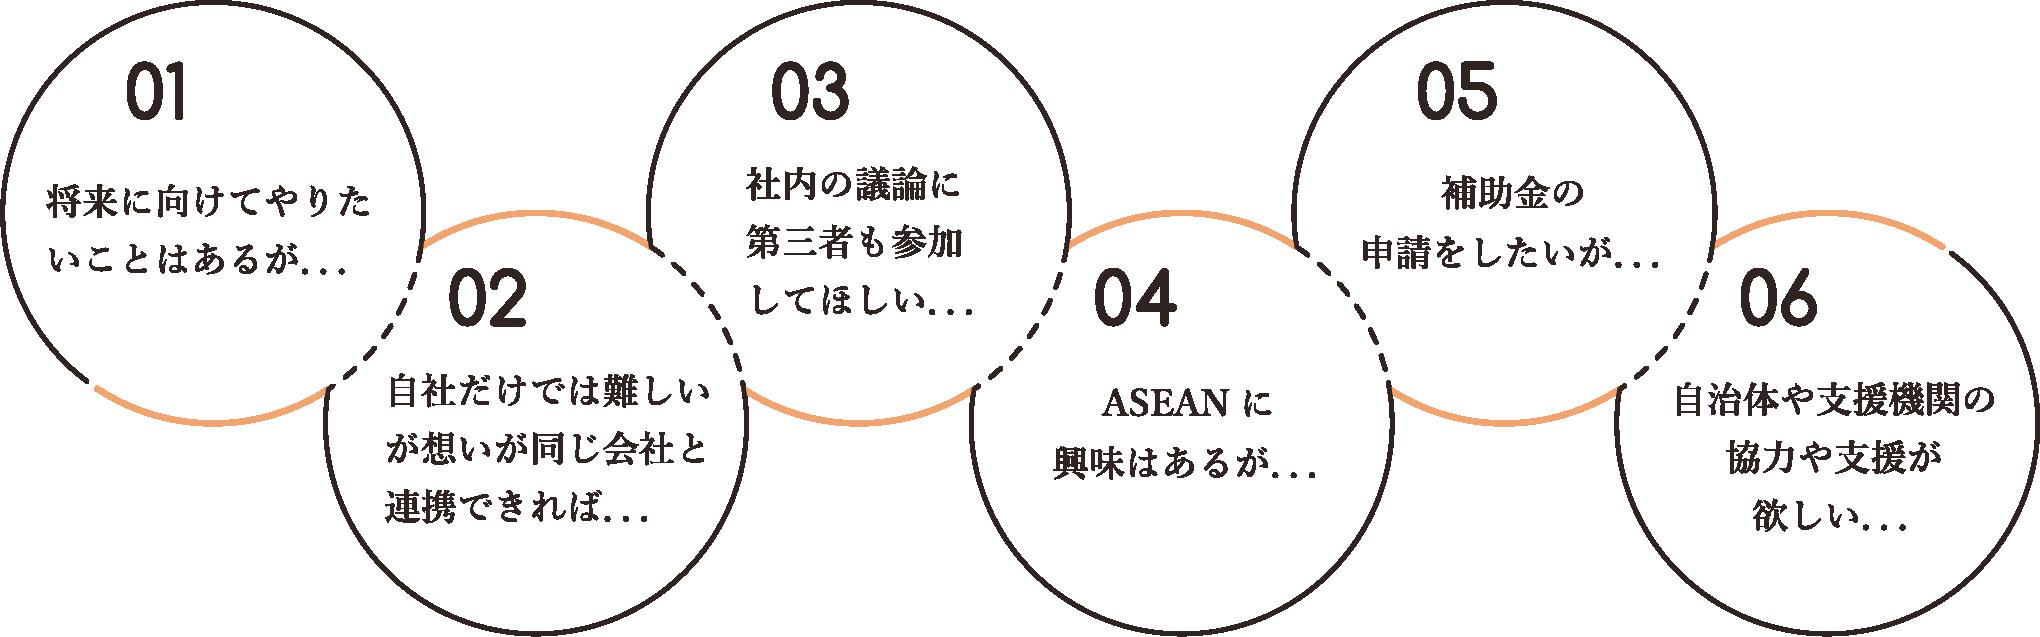 将来に向けてやりたいことはあるが... 自社だけでは難しいが想いが同じ会社と連携できれば... 社内の議論に第三者も参加してほしい... ASEANに興味はあるが... 補助金の申請をしたいが... 自治体や支援機関の欲しい...